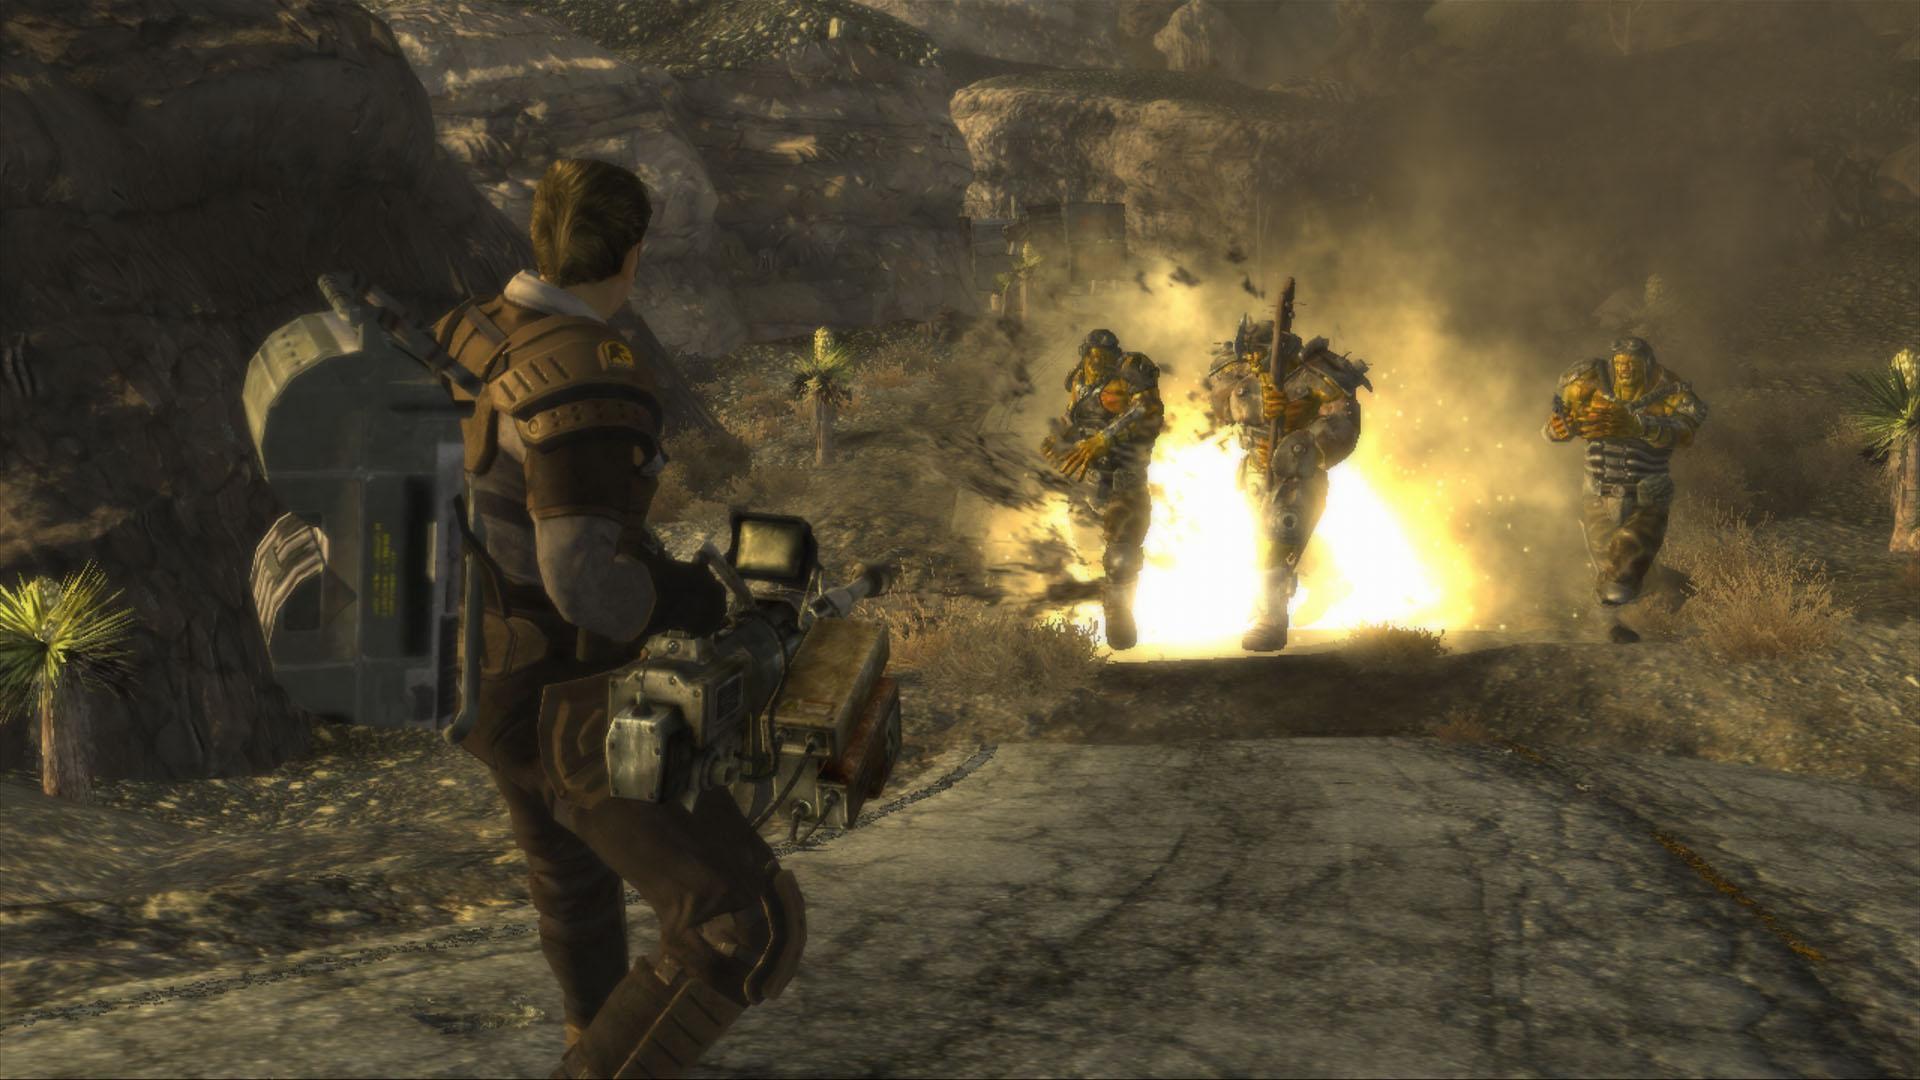 скачать fallout 3 new vegas с торрента